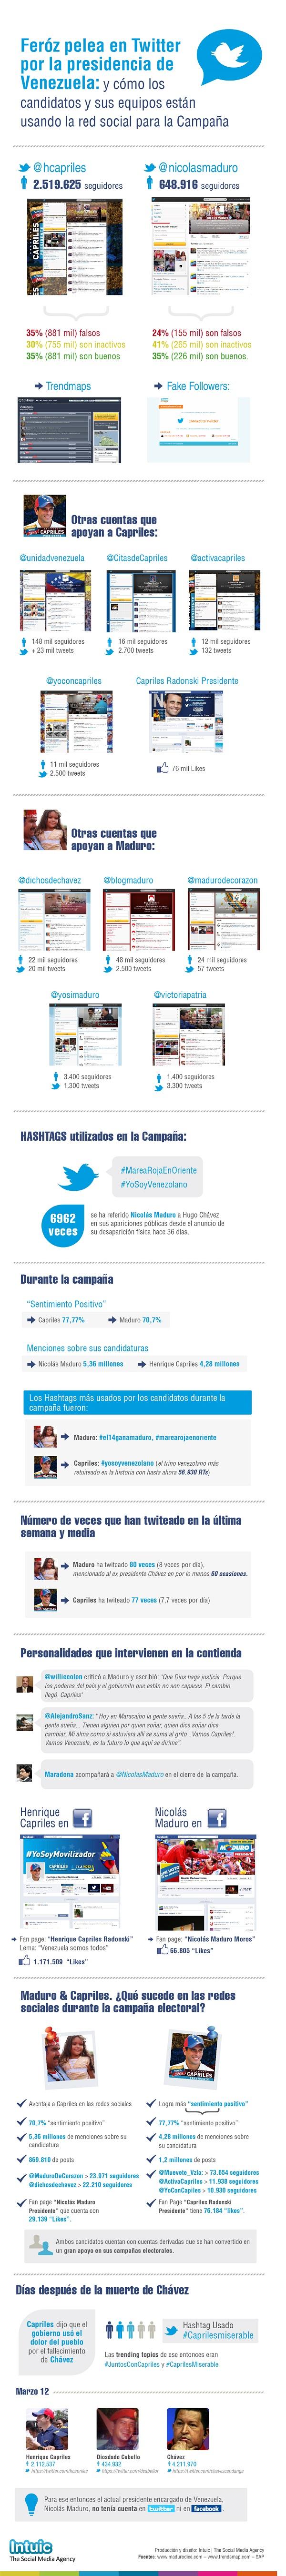 Feróz pelea en twitter por la presidencia de Venezuela